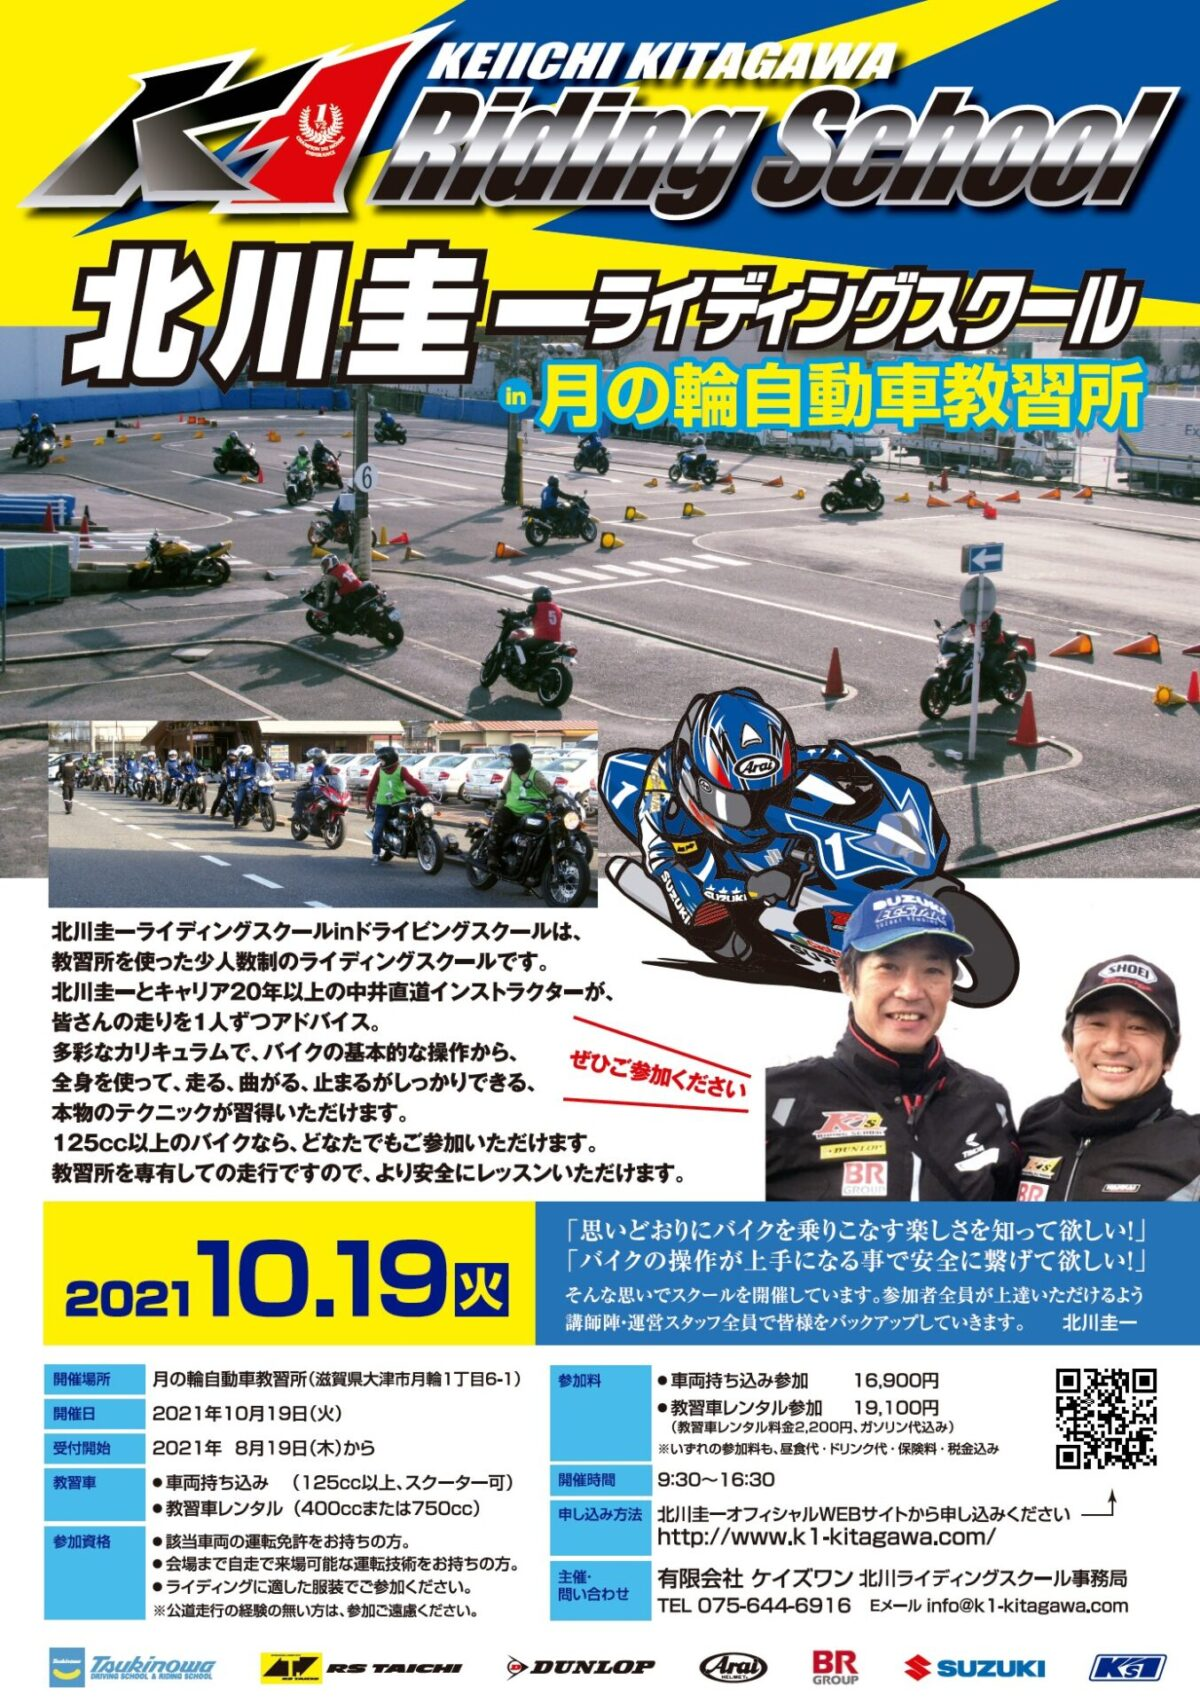 「北川圭一ライディングスクール」開催のお知らせです。